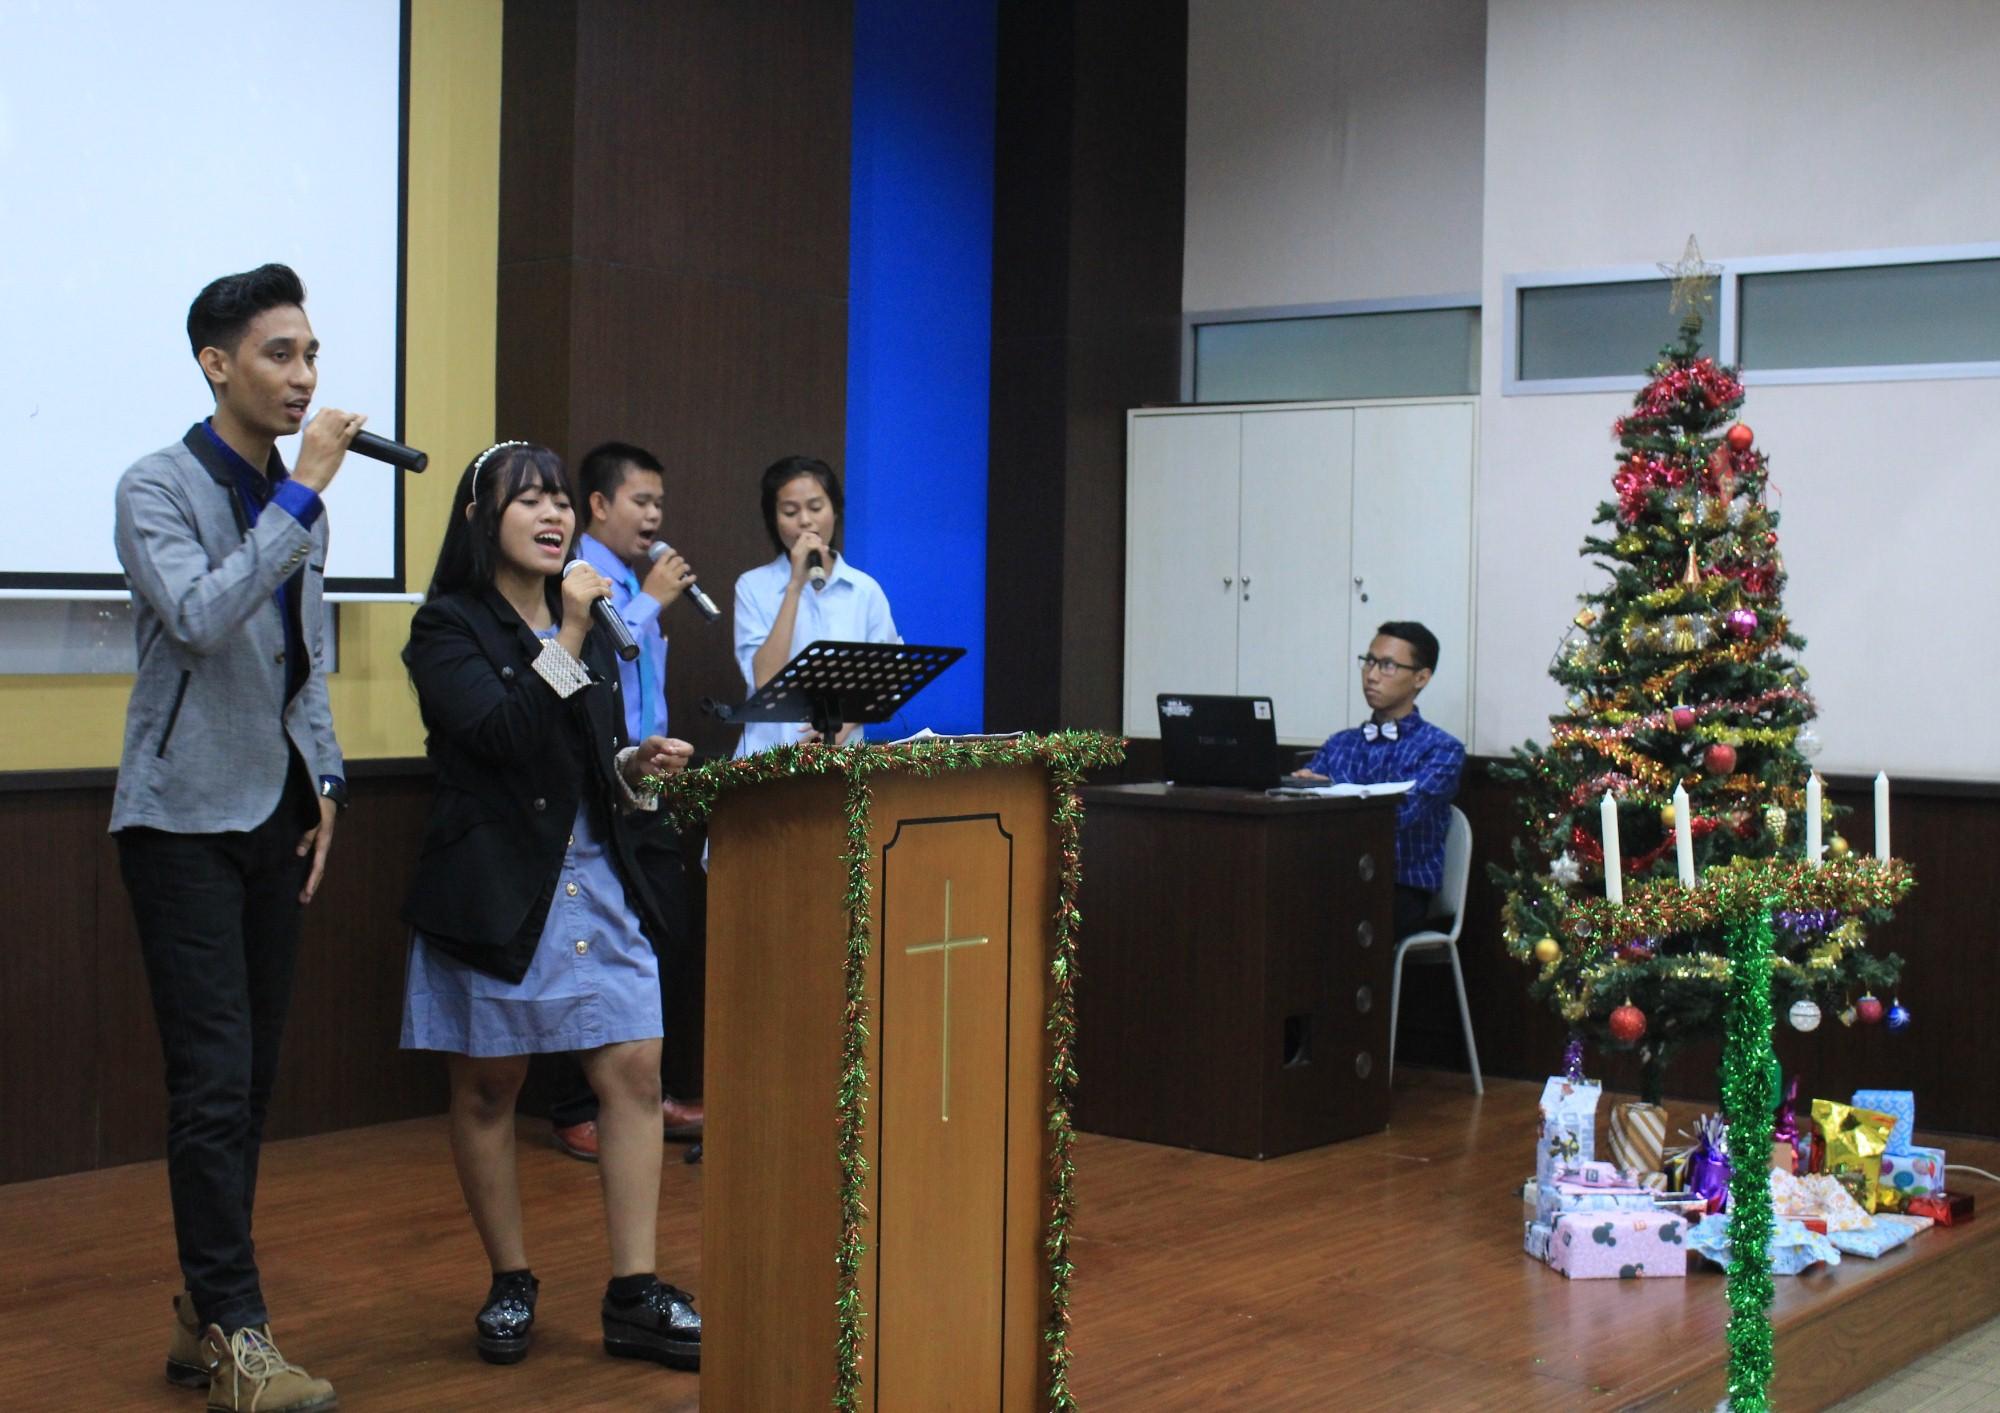 Kebaktian Natal yang diselenggarakan oleh UKM Kristen OMG